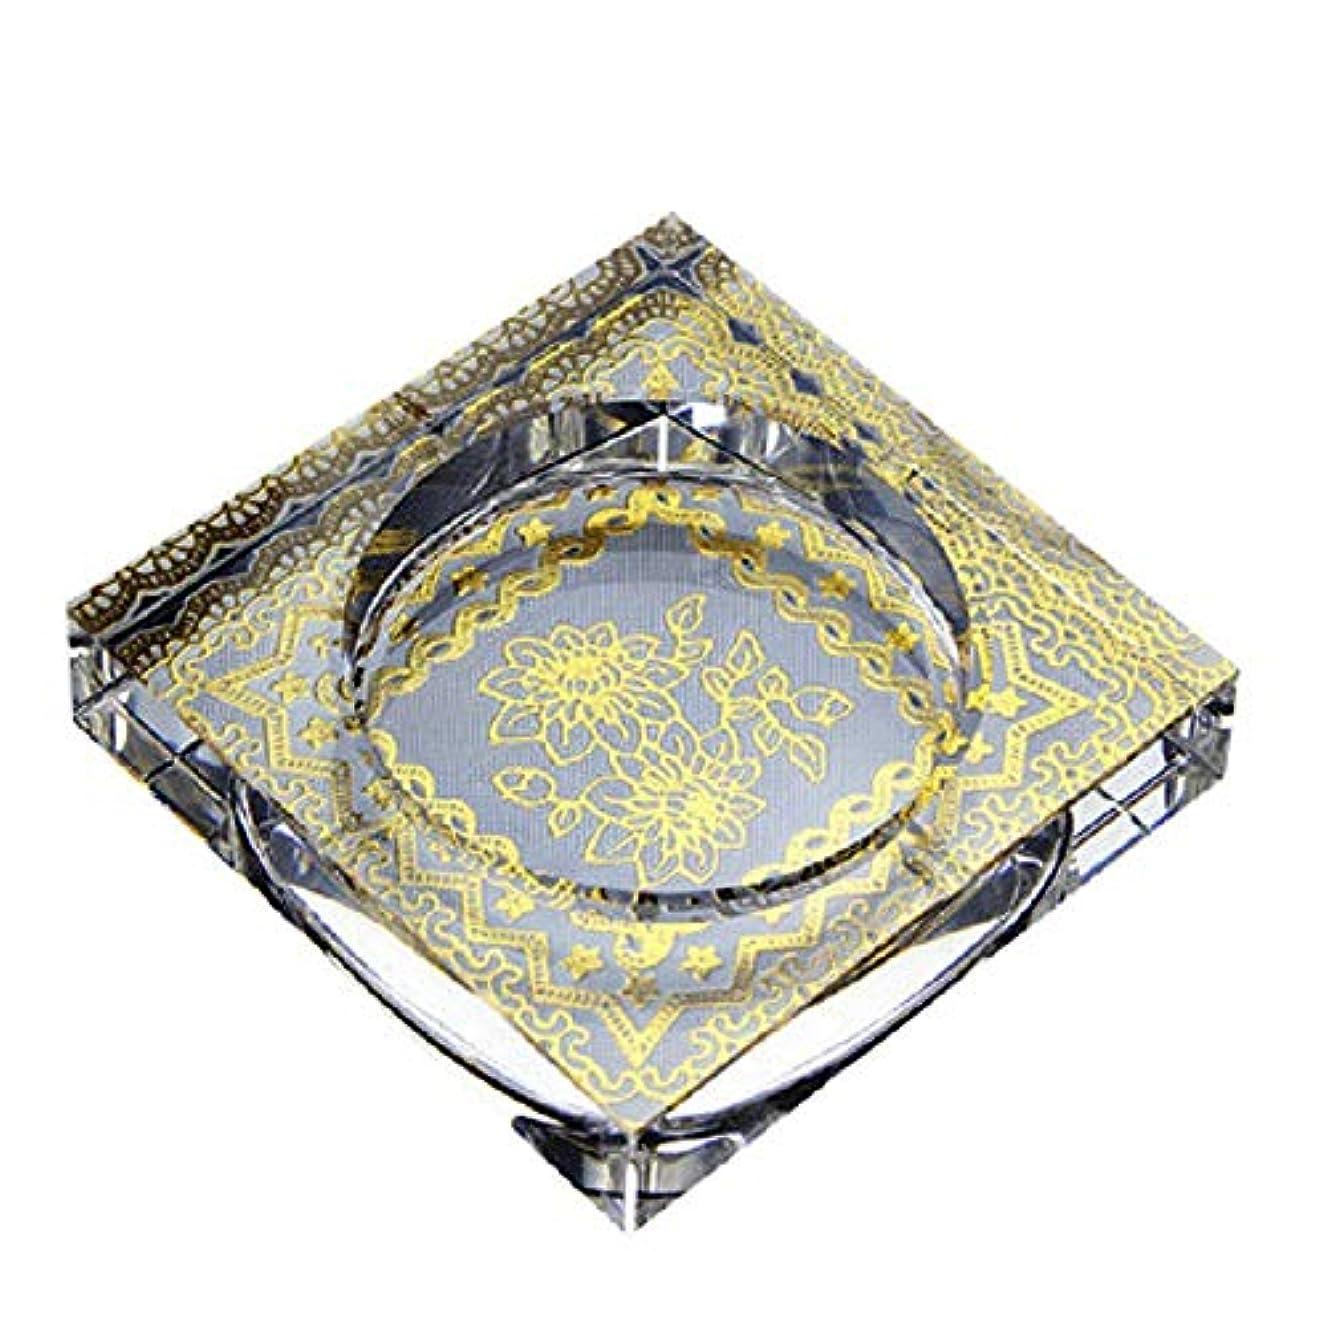 まっすぐにする留め金軽蔑タバコ、ギフトおよび総本店の装飾のための灰皿の円形の光沢のある水晶灰皿